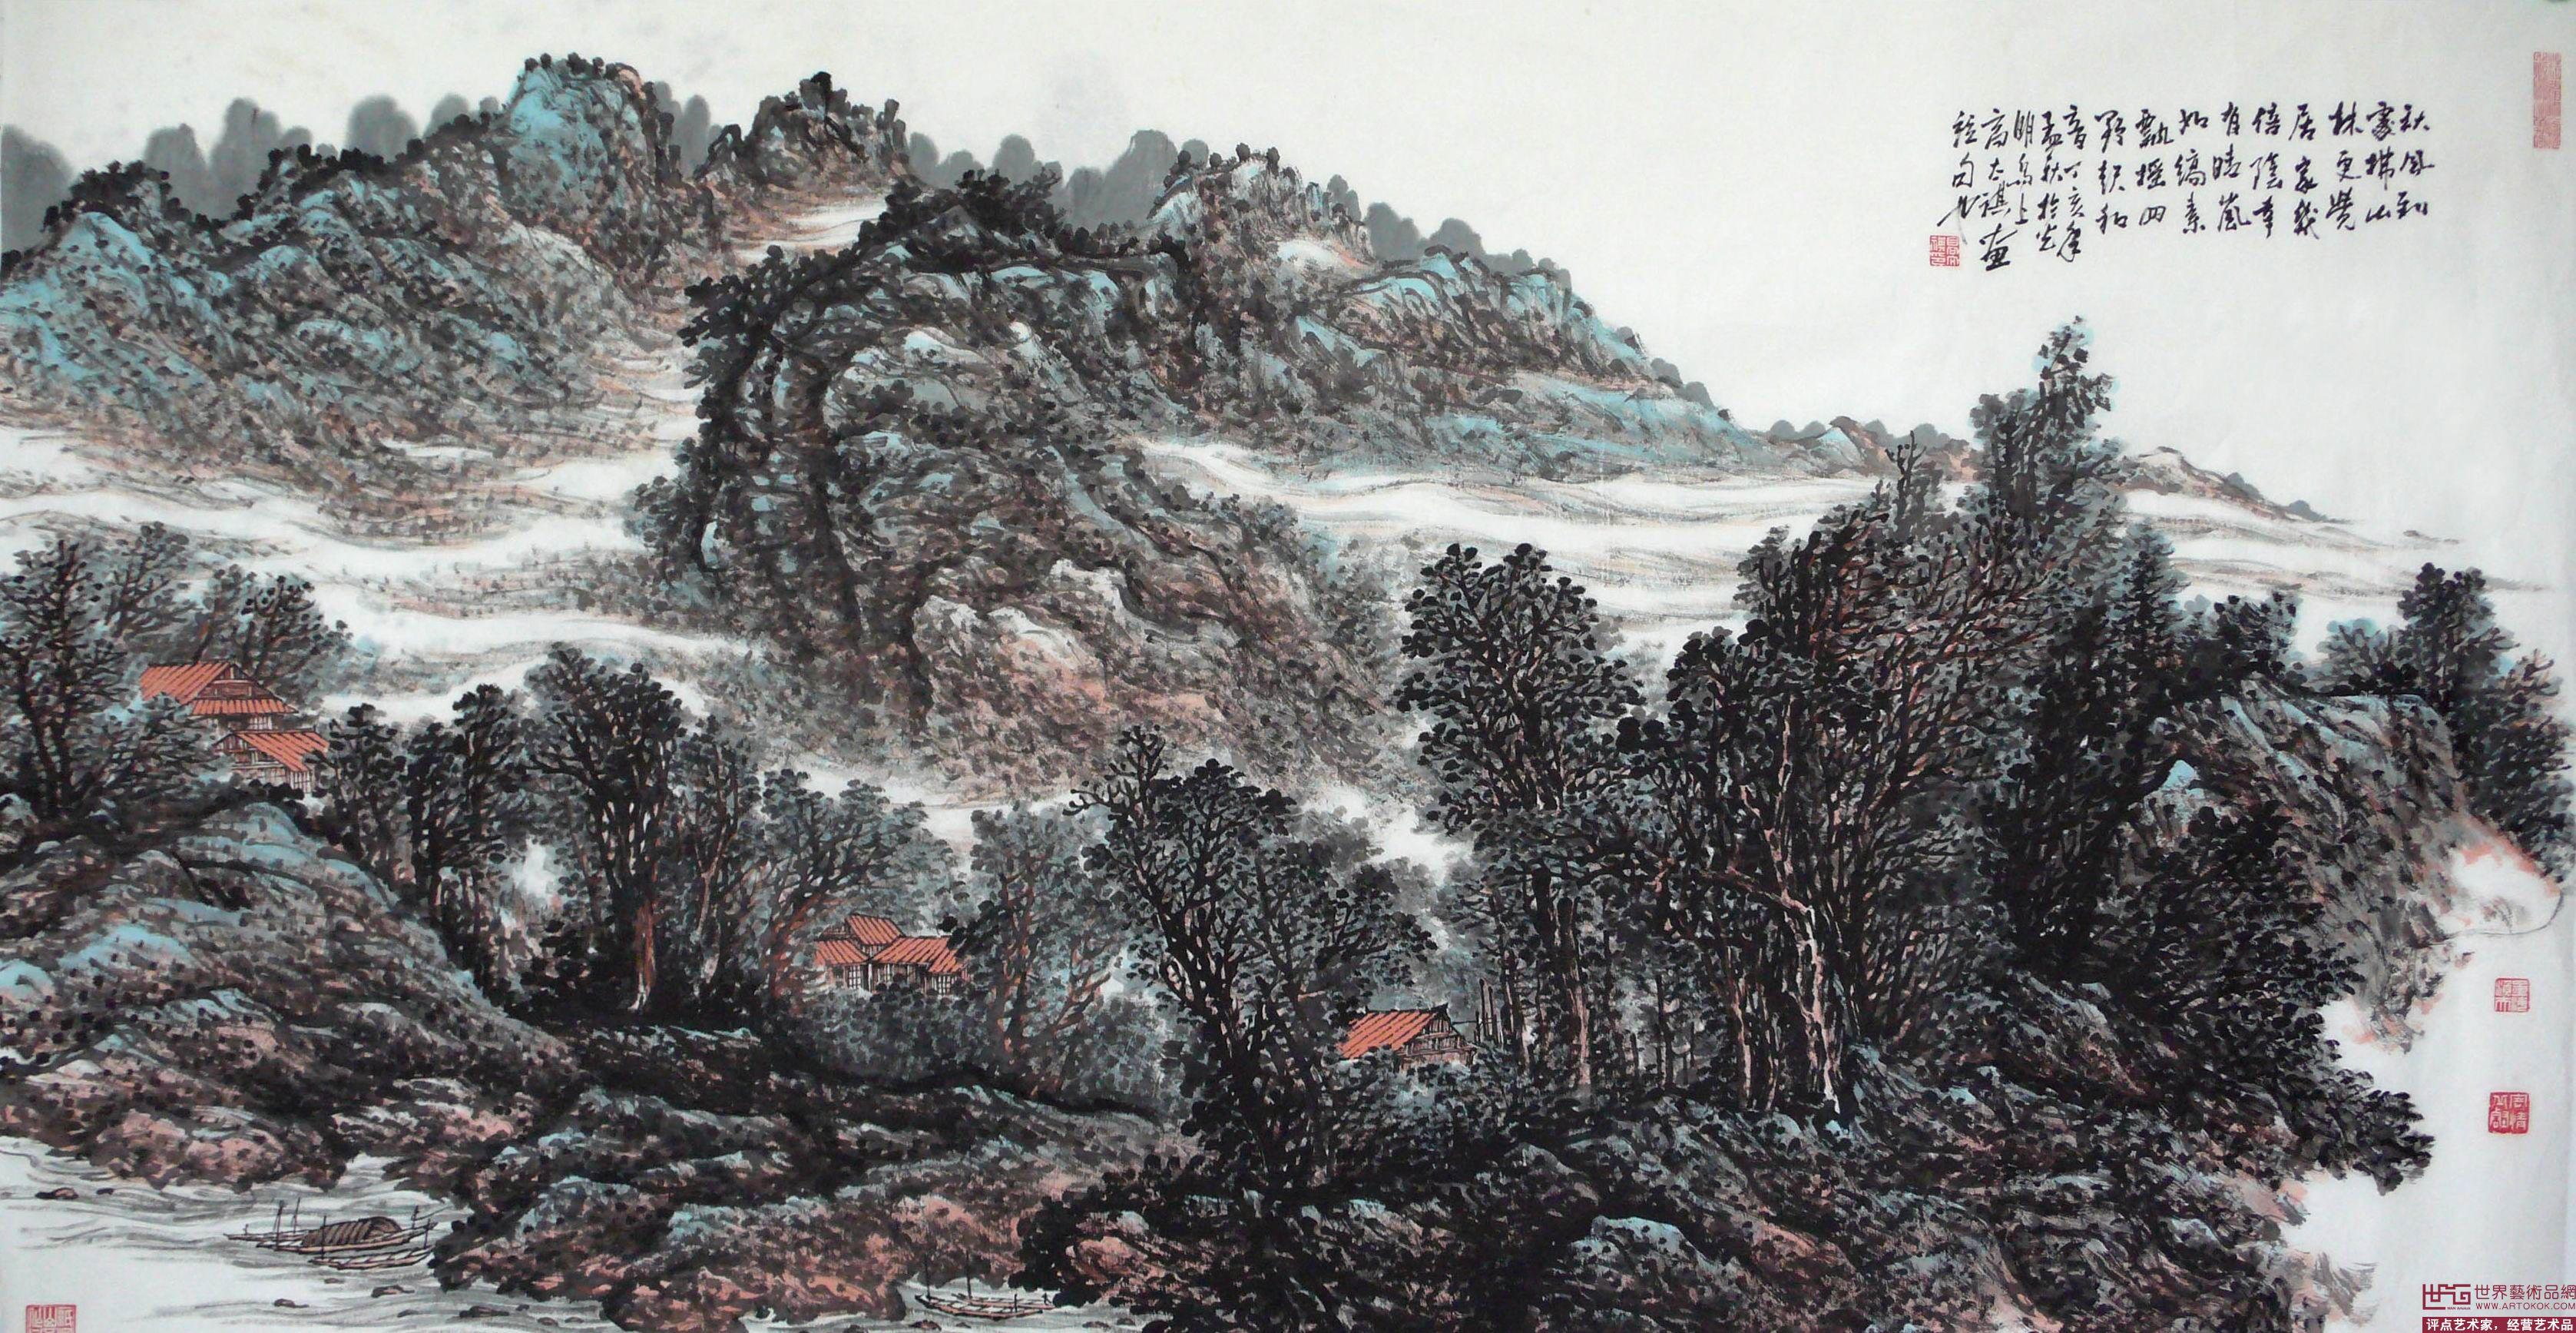 高太祺山水画作品;; 山水作品;; 国画山水设计图_水墨画_绘画书